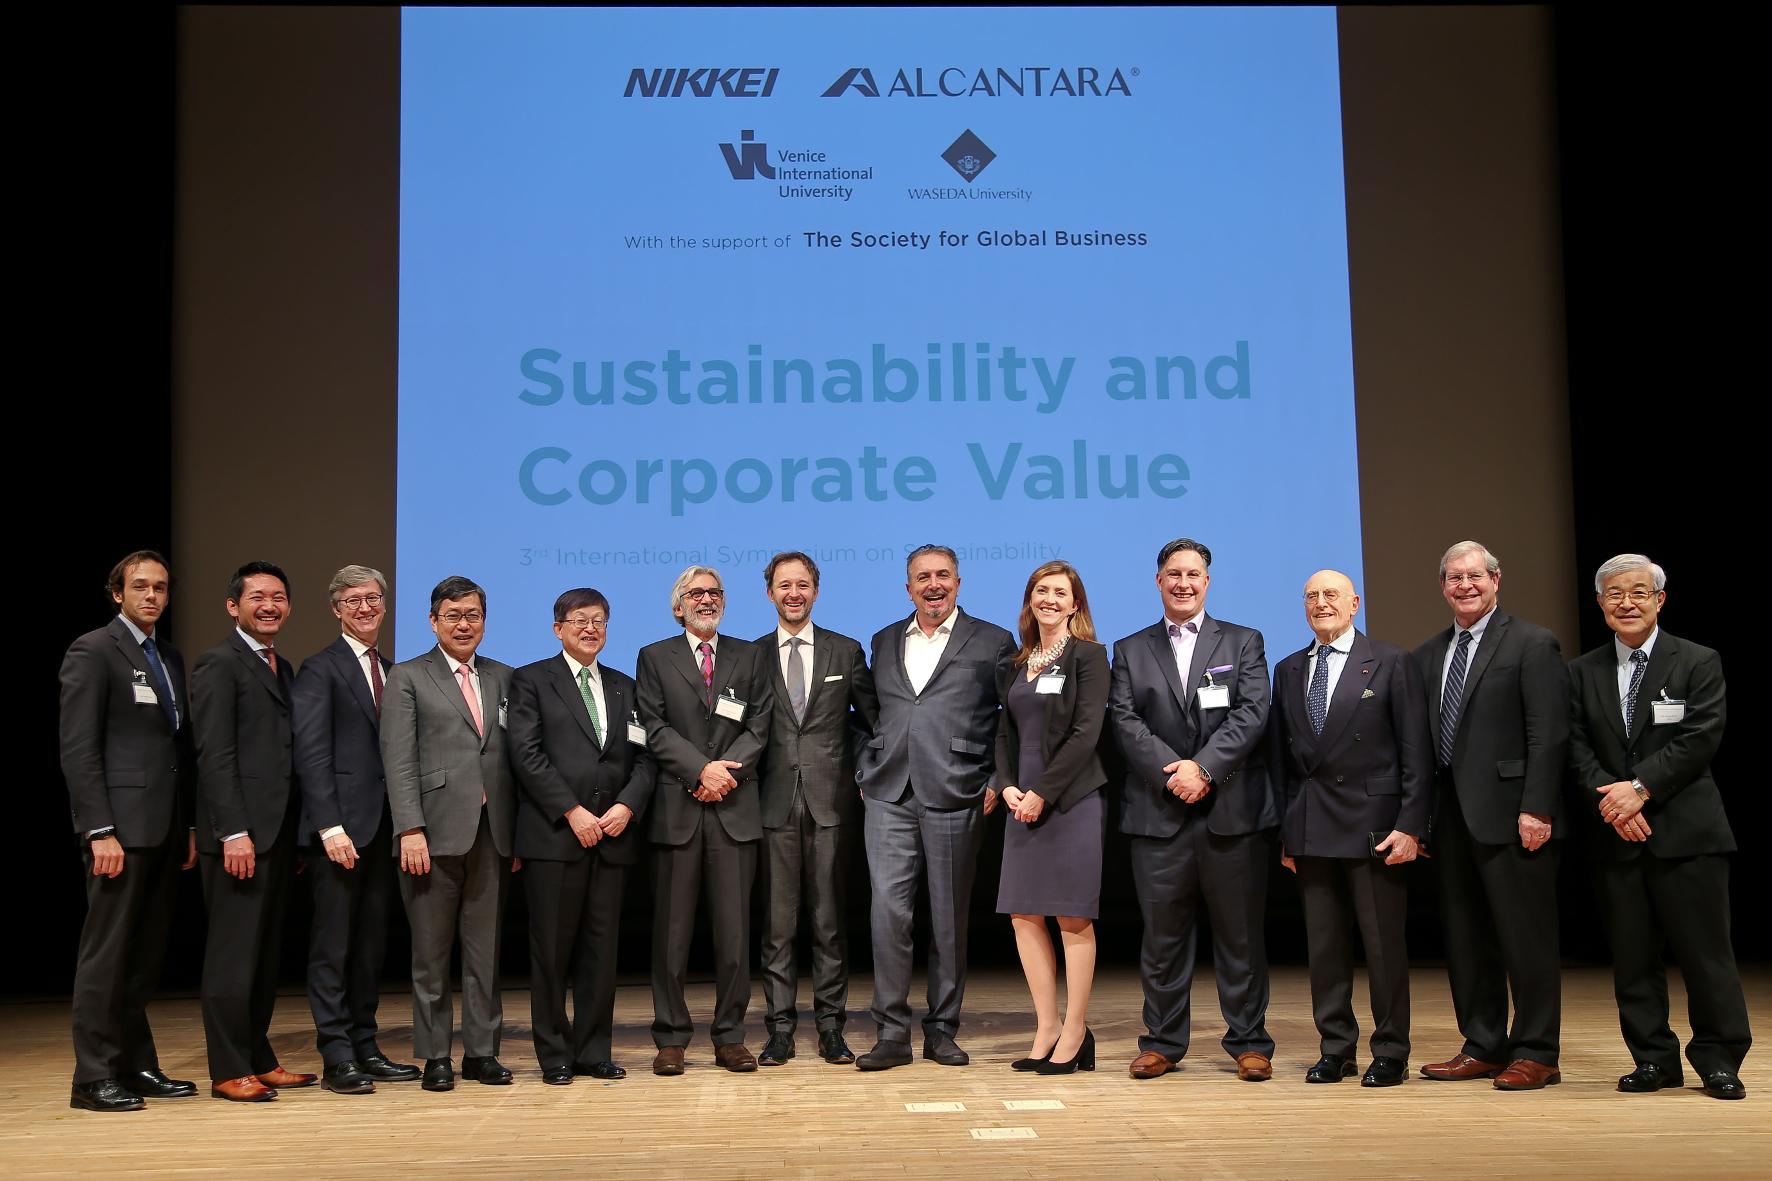 mid Tokio - Gemeinsam für mehr Nachhaltigkeit: Mit dem Veranstaltungsort Tokio setzen die Organisatoren des Symposiums ein Zeichen dafür, dass das Thema eine grenzüberschreitende Aufgabe ist.